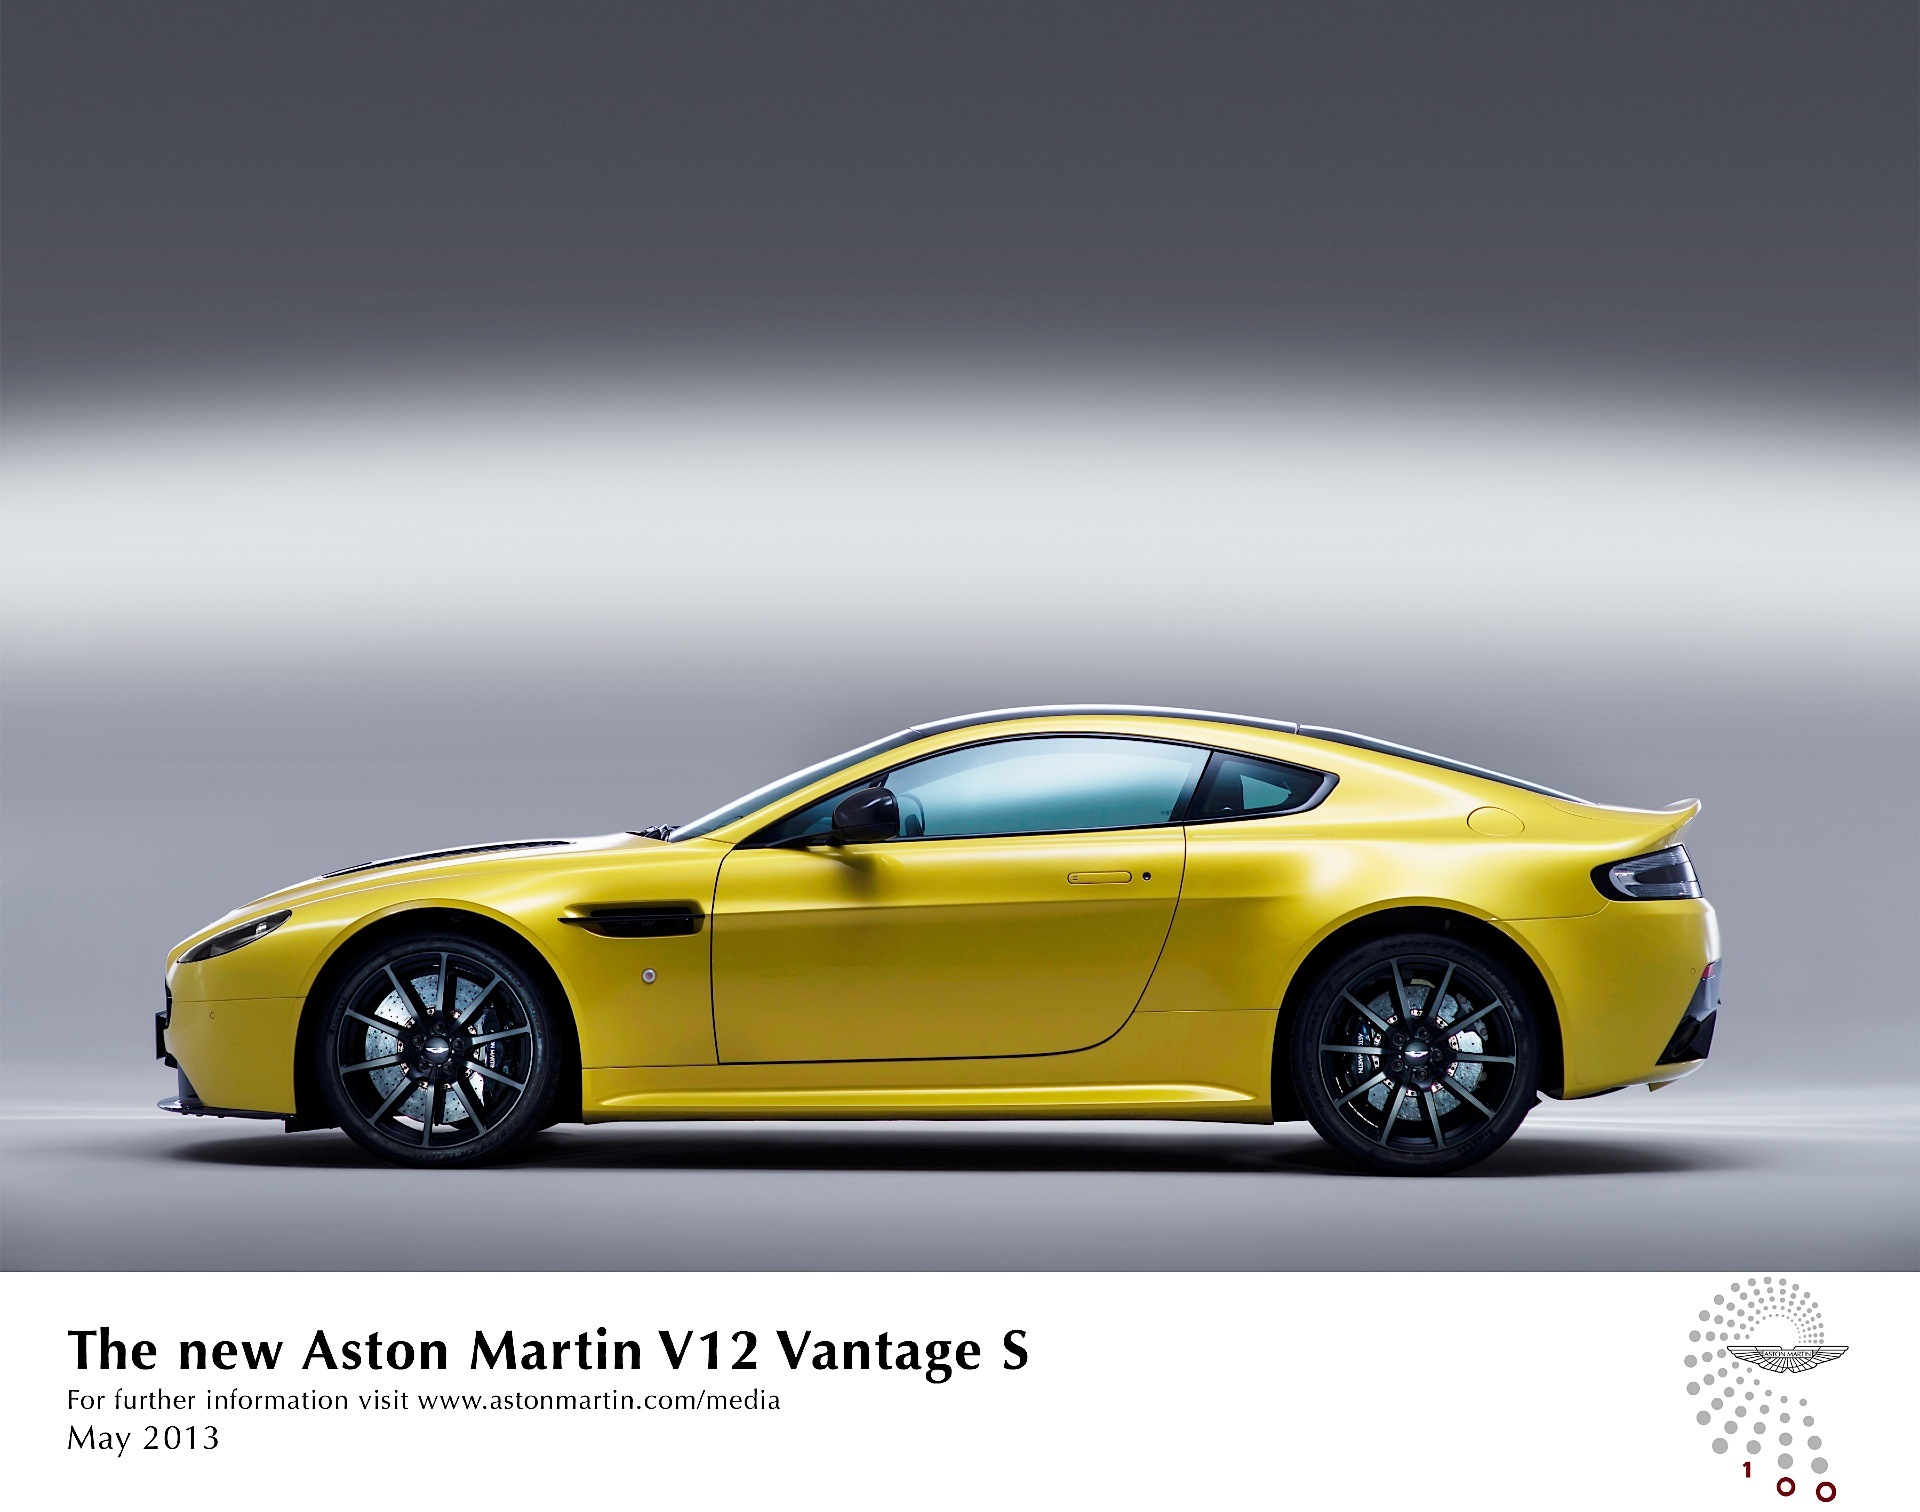 Aston Martin V12 Vantage S 2016 Review - motoring.com.au